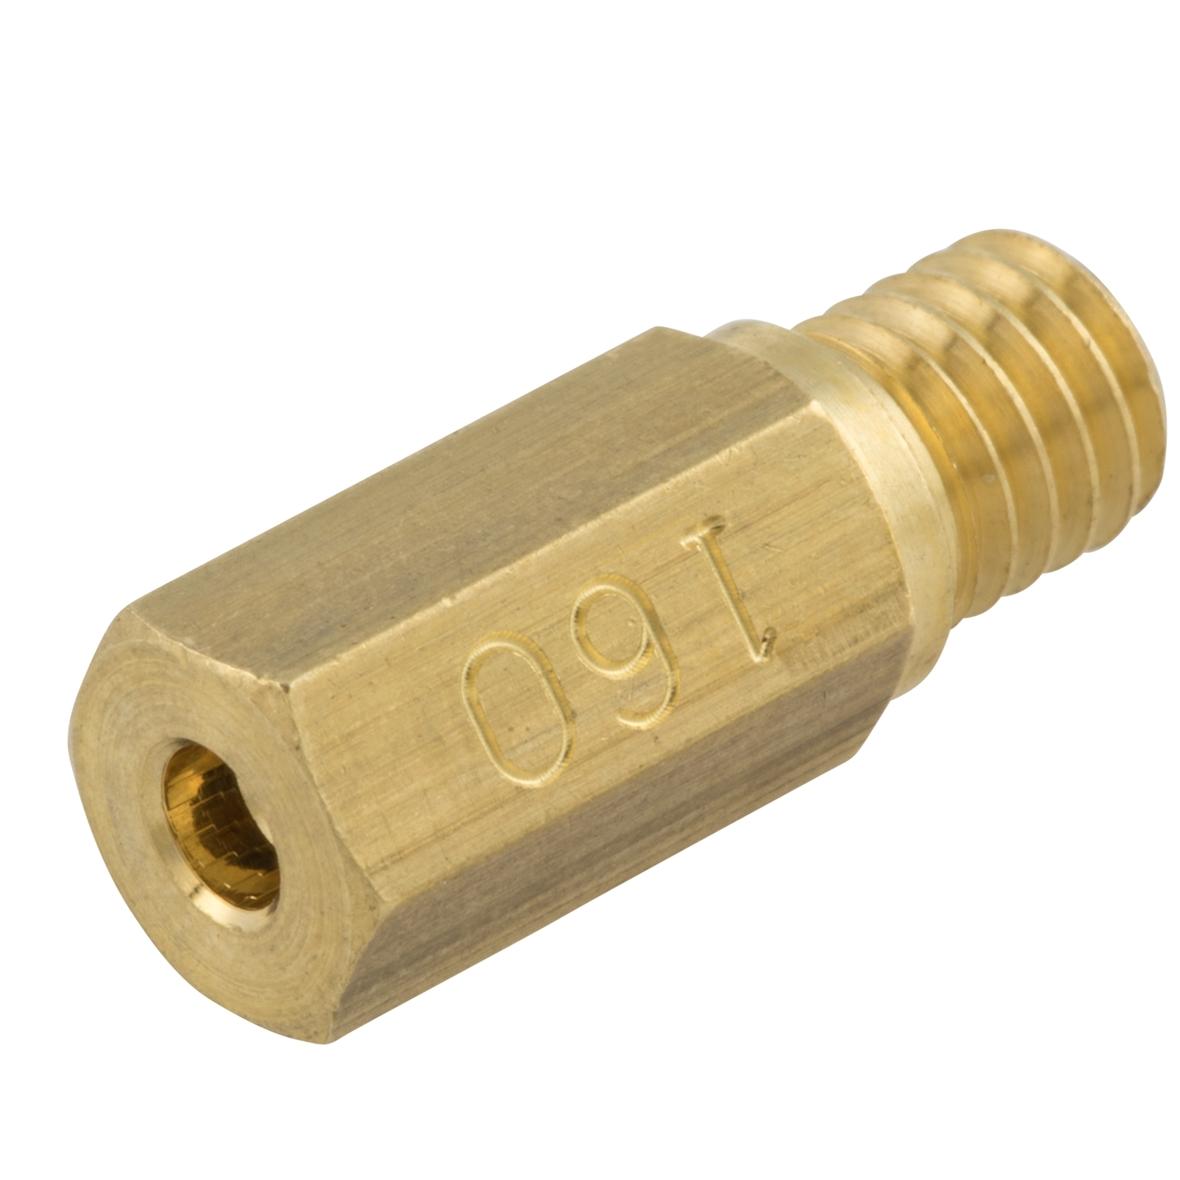 Productafbeelding voor 'Sproeier KMT 152 Ø 6 mmTitle'